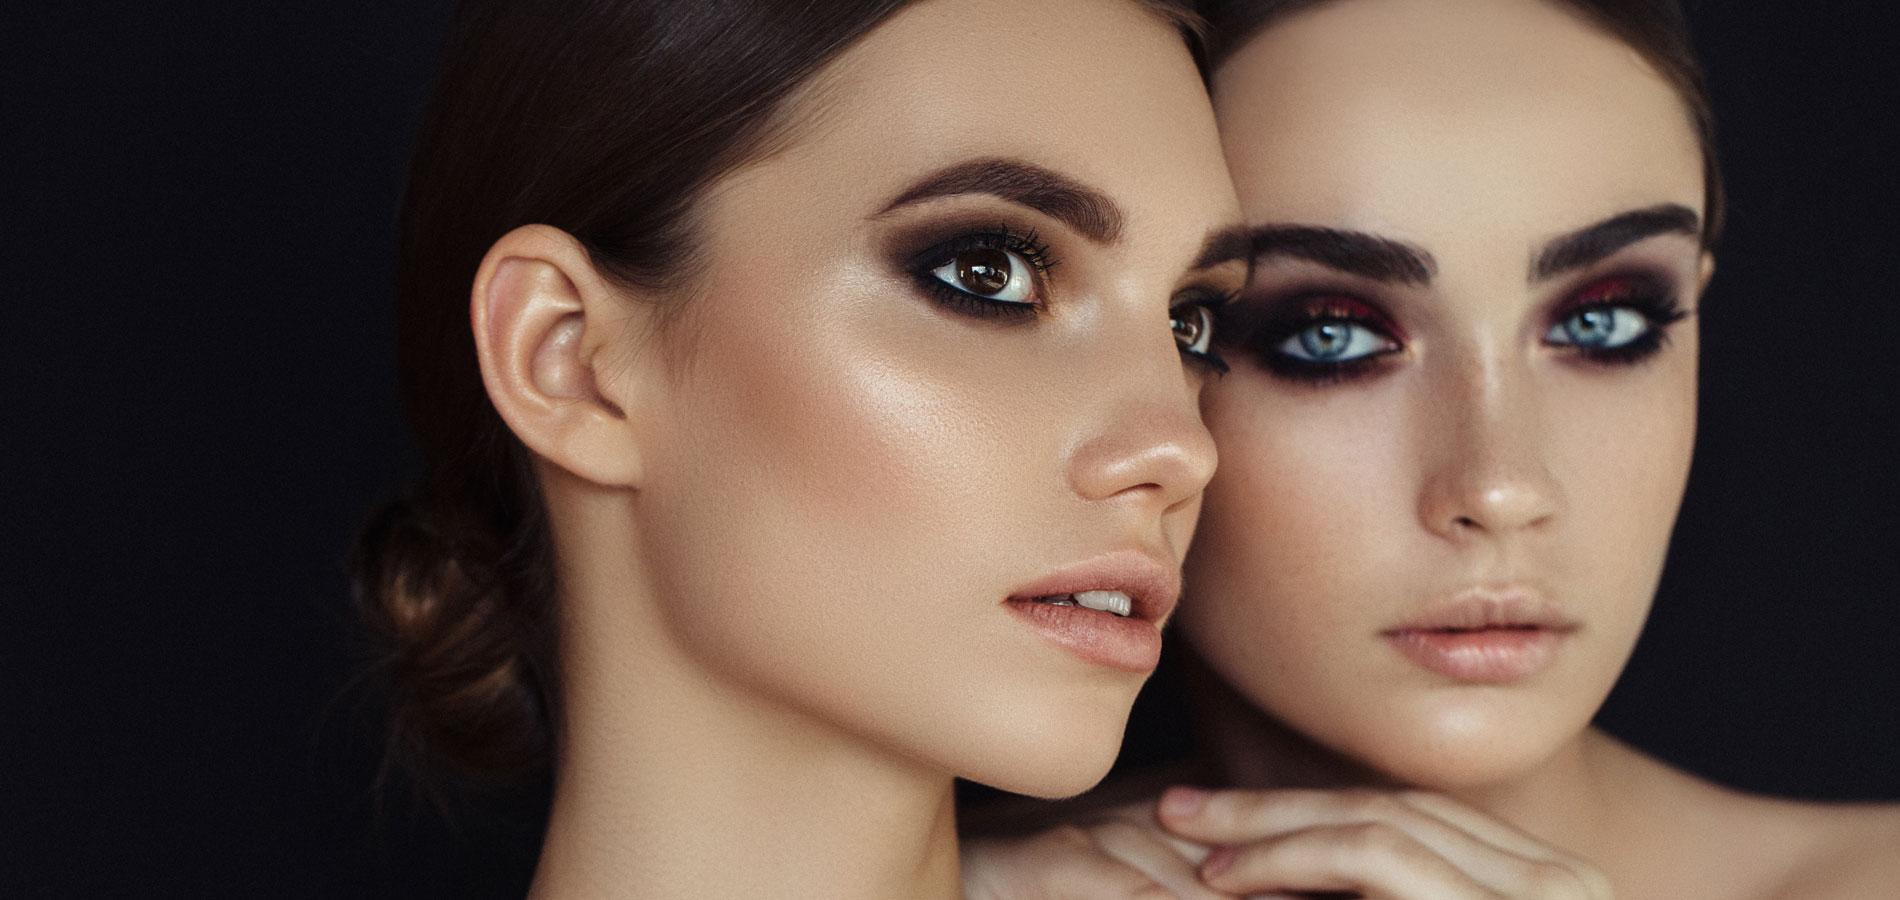 Treize erreurs maquillage à éviter pendant les fêtes de fin